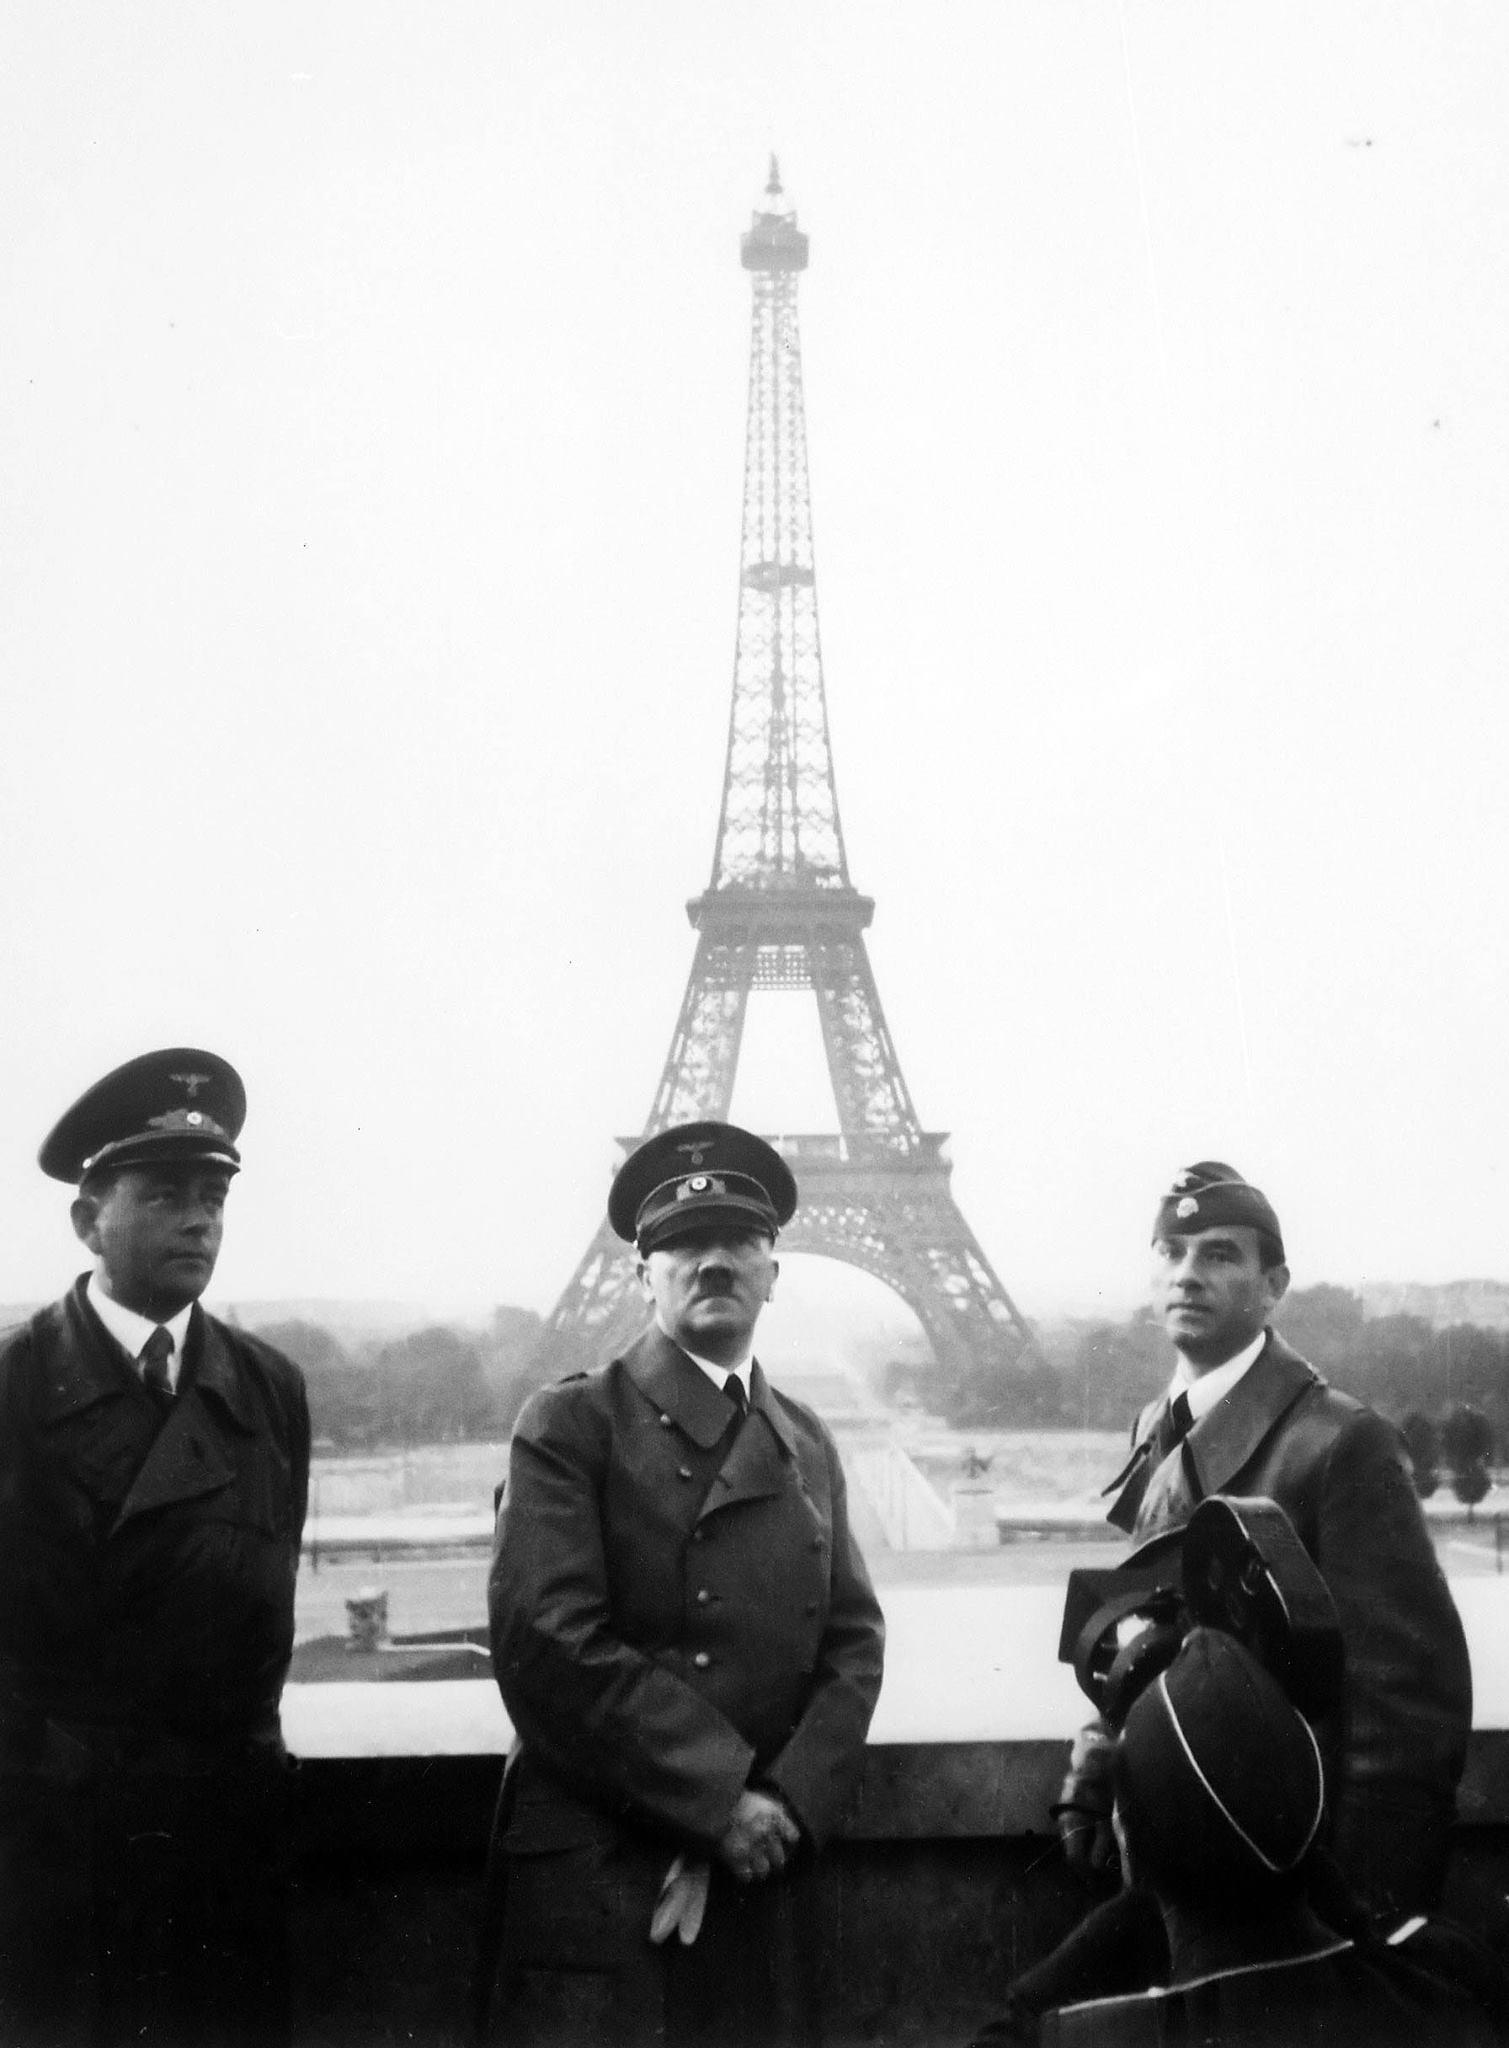 Hitler a Parigi